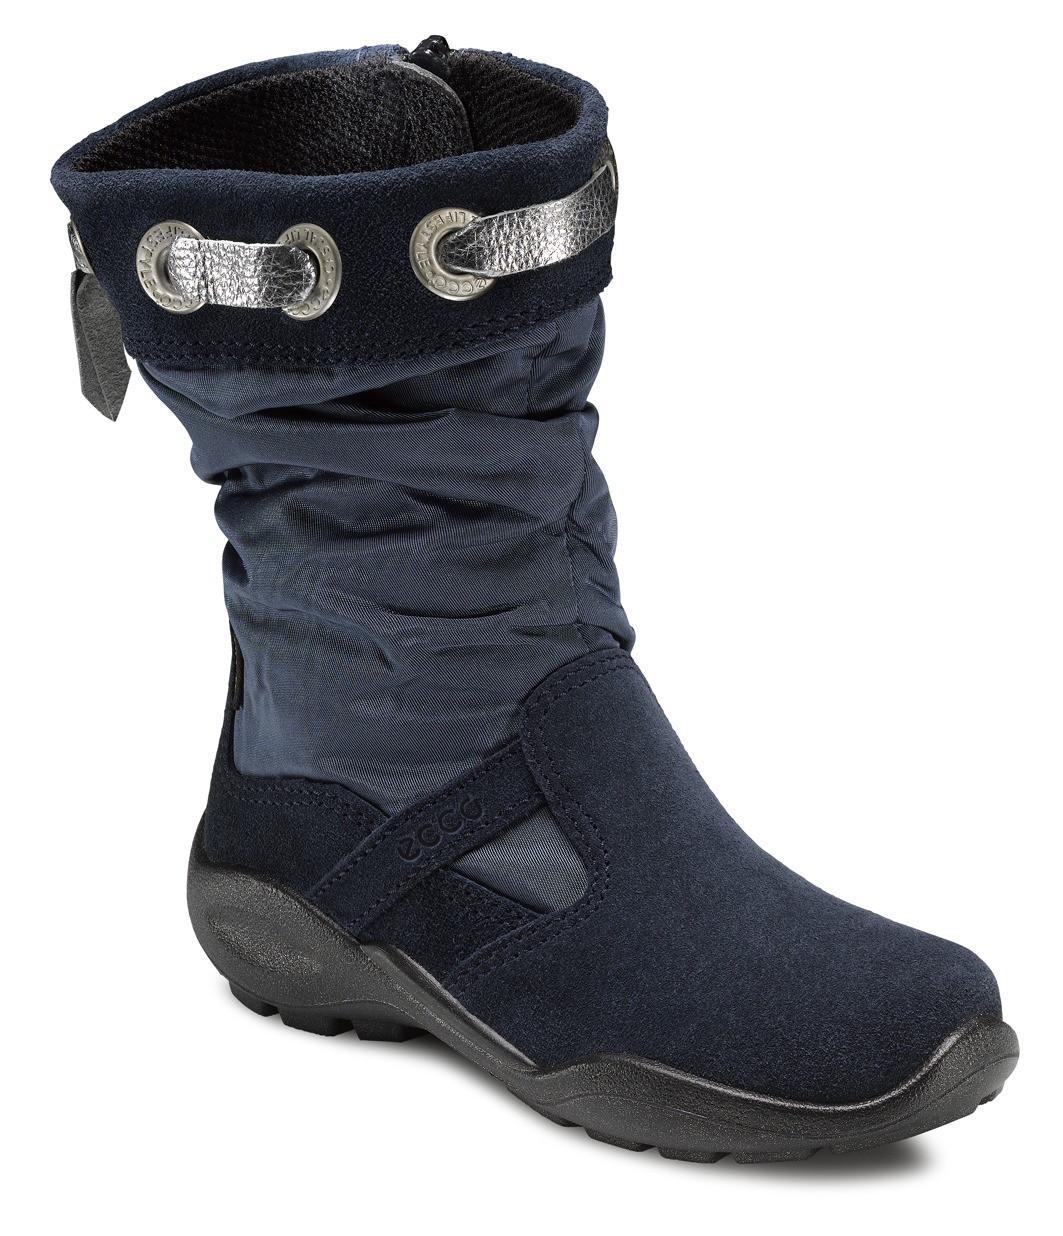 d79f159c8 Ecco Gore-Tex WINTER QUEEN сапоги зима ЕССО 27-28р: продажа, цена в ...